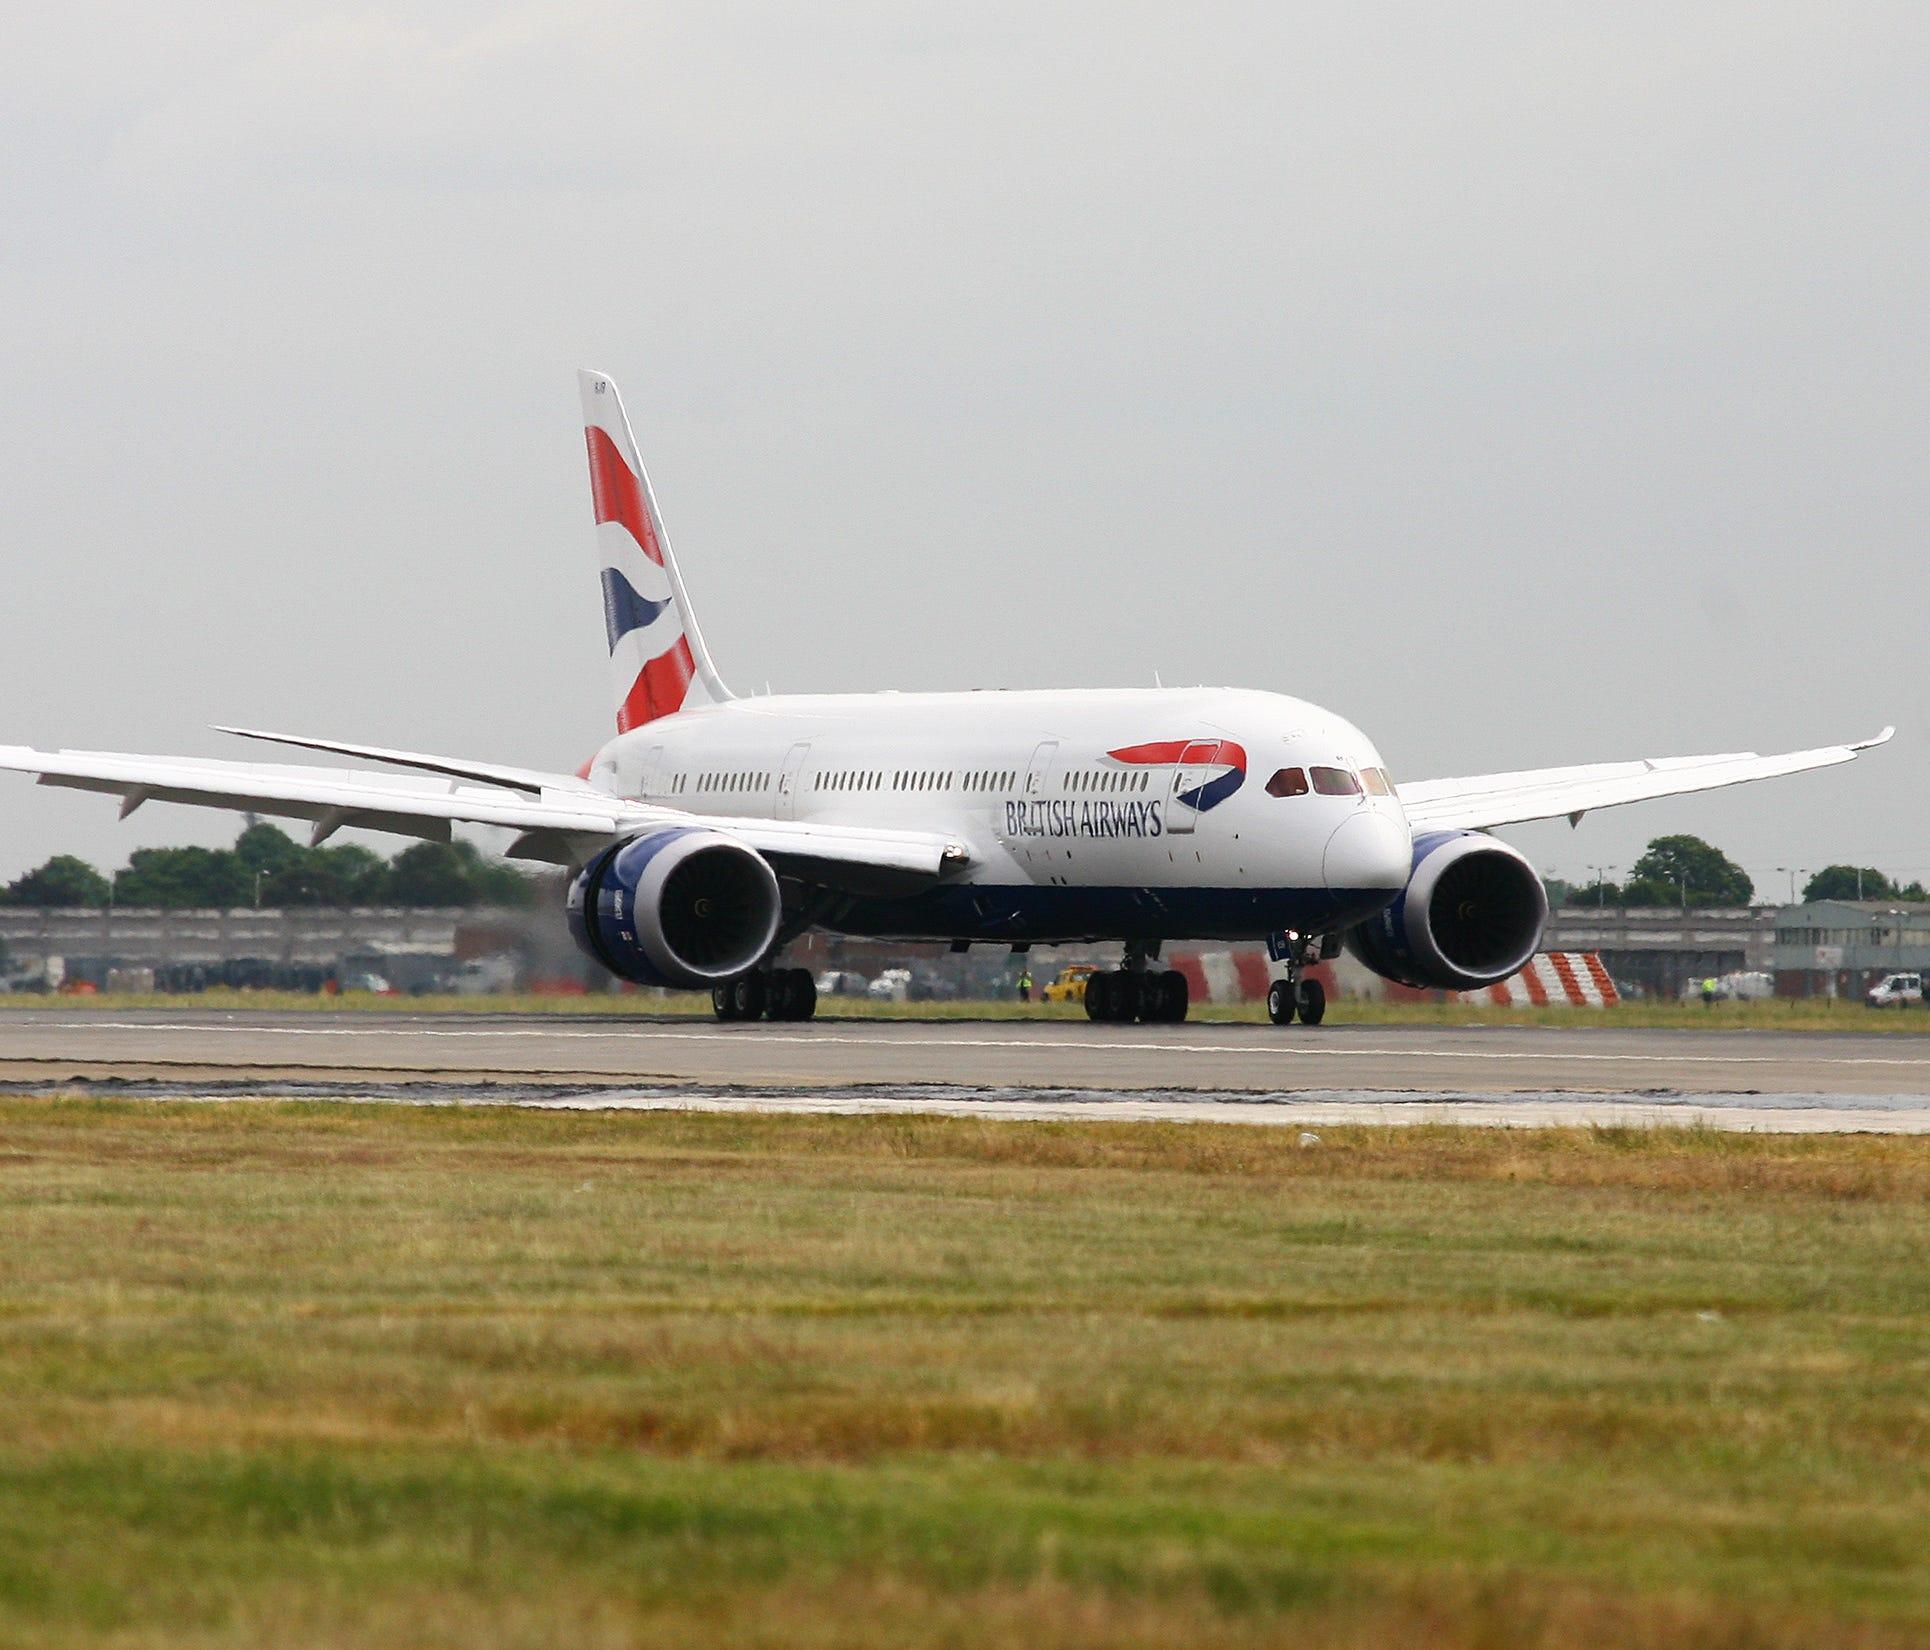 British Airways' first Boeing 787-8 Dreamliner touches down at London Heathrow on June, 27 2013.